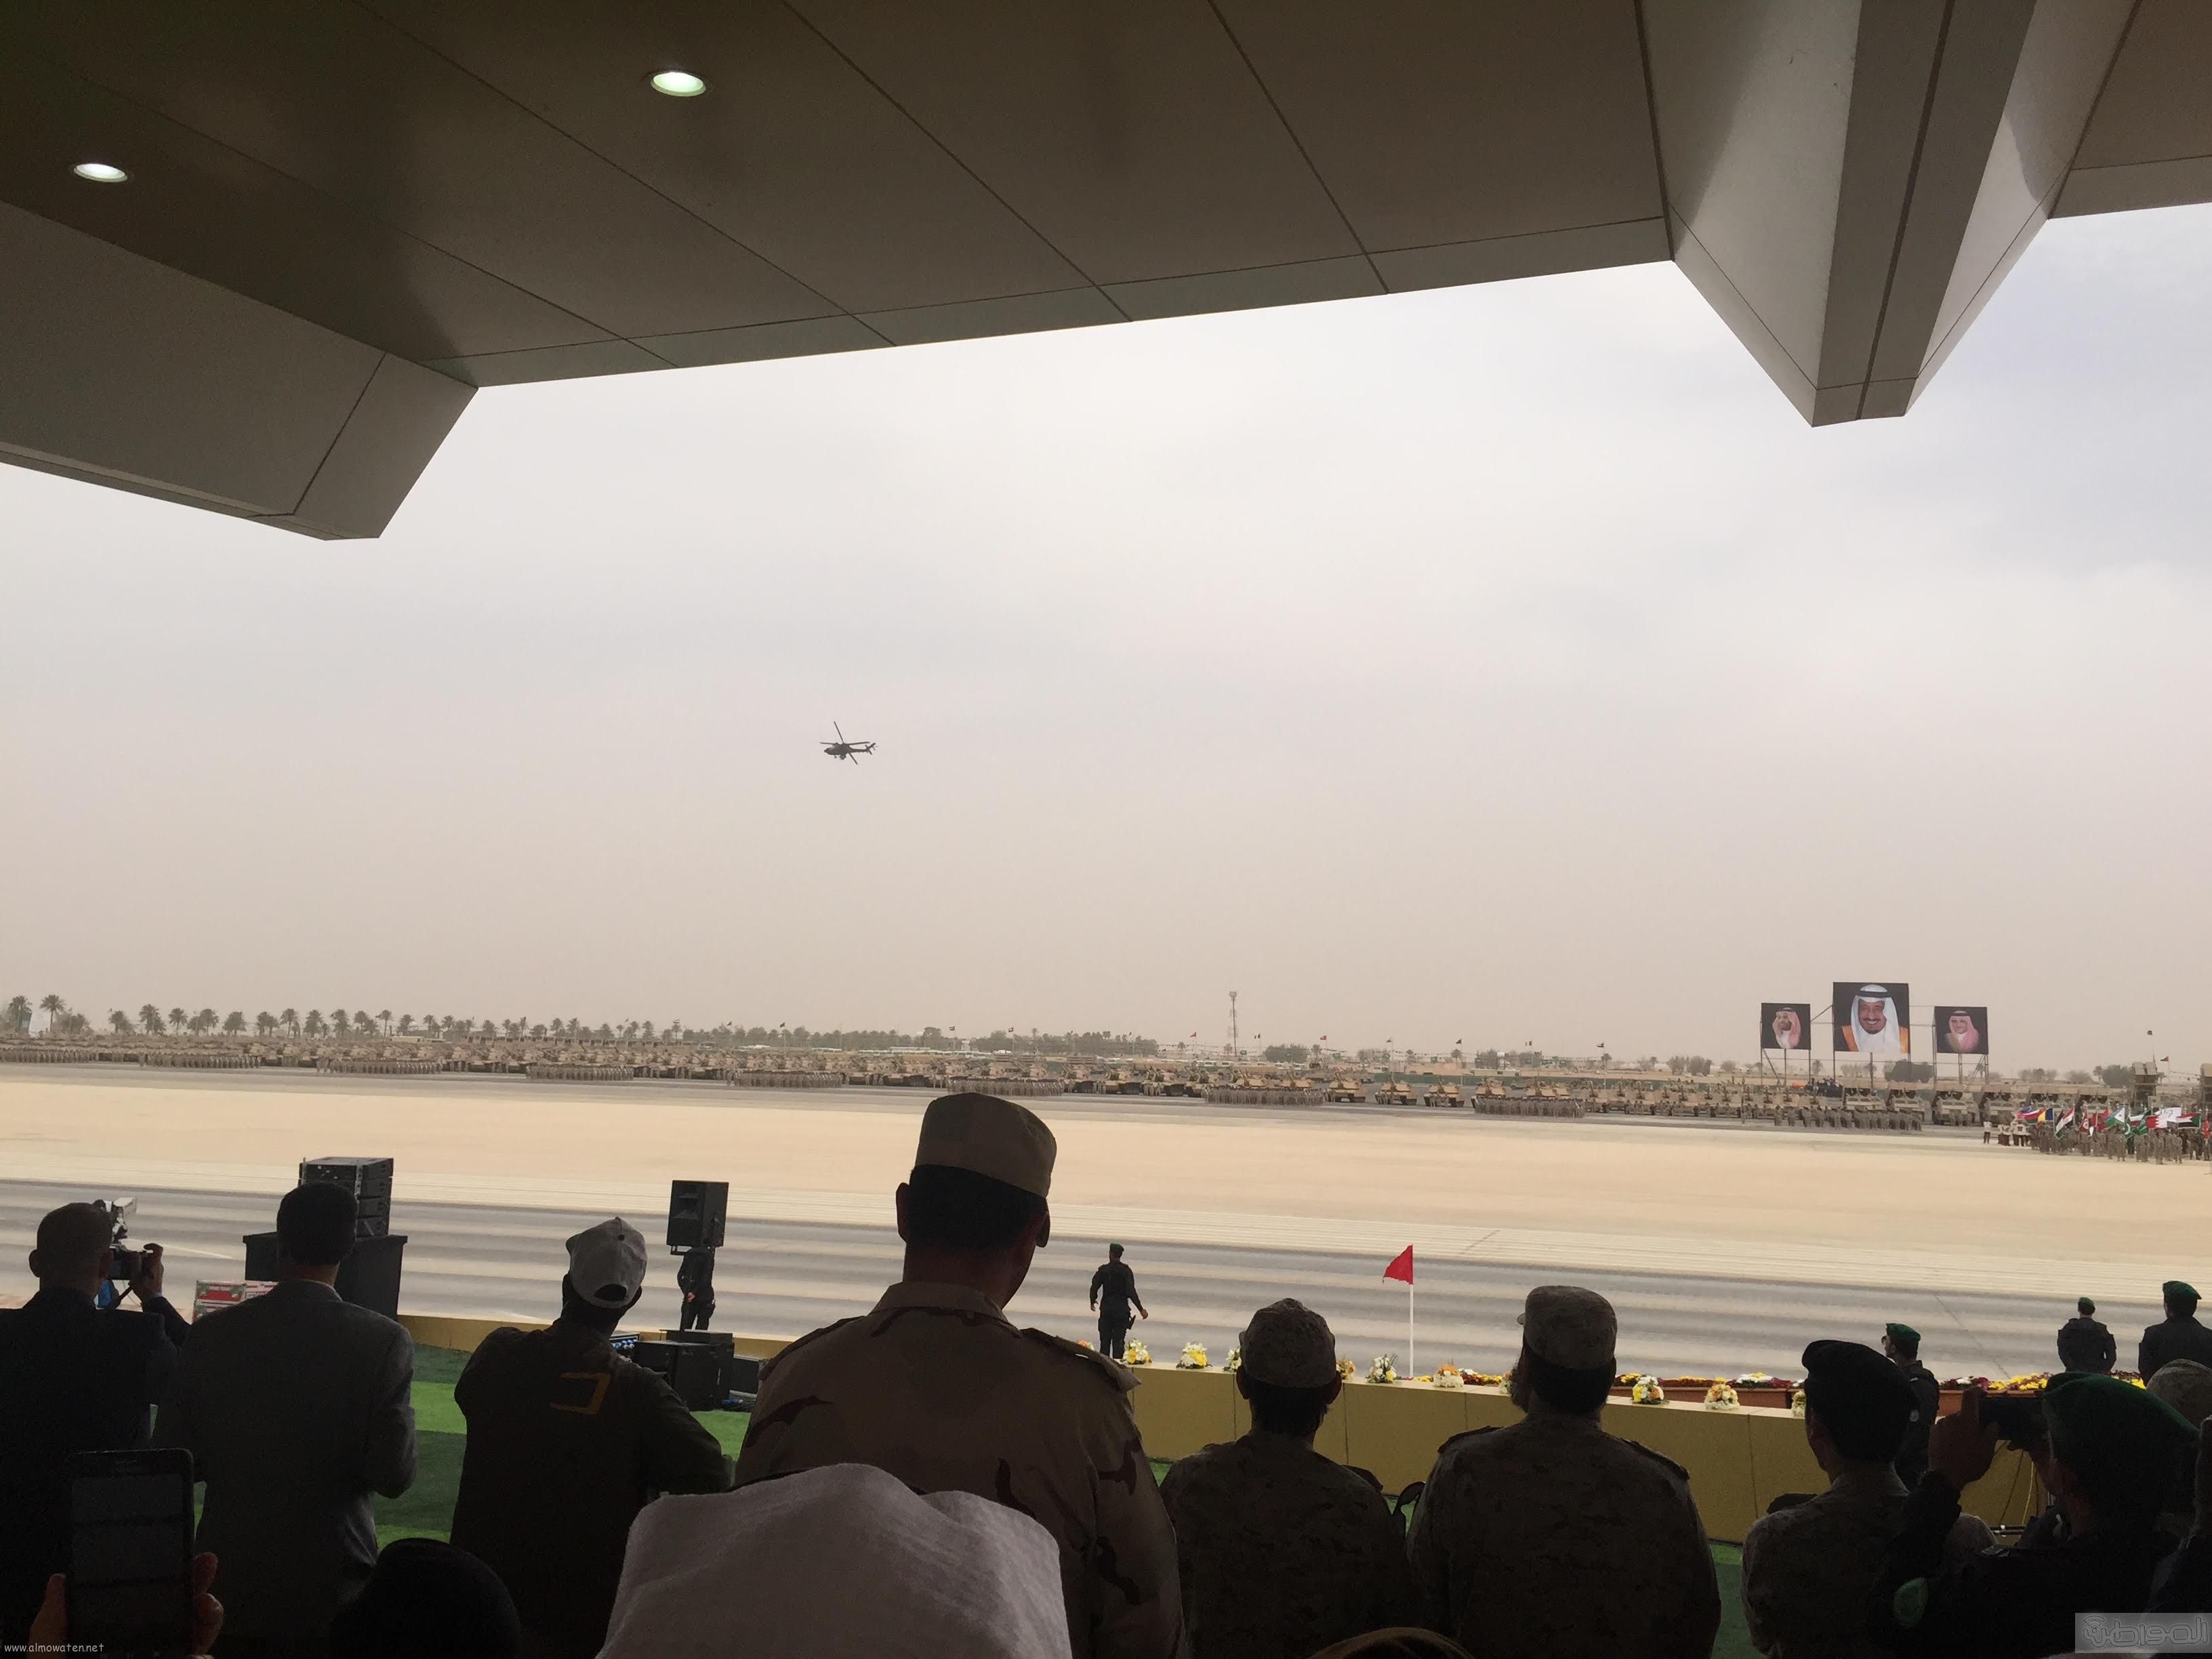 قائد يستعرض طائرة اباتشي امام الملك سلمان (5)